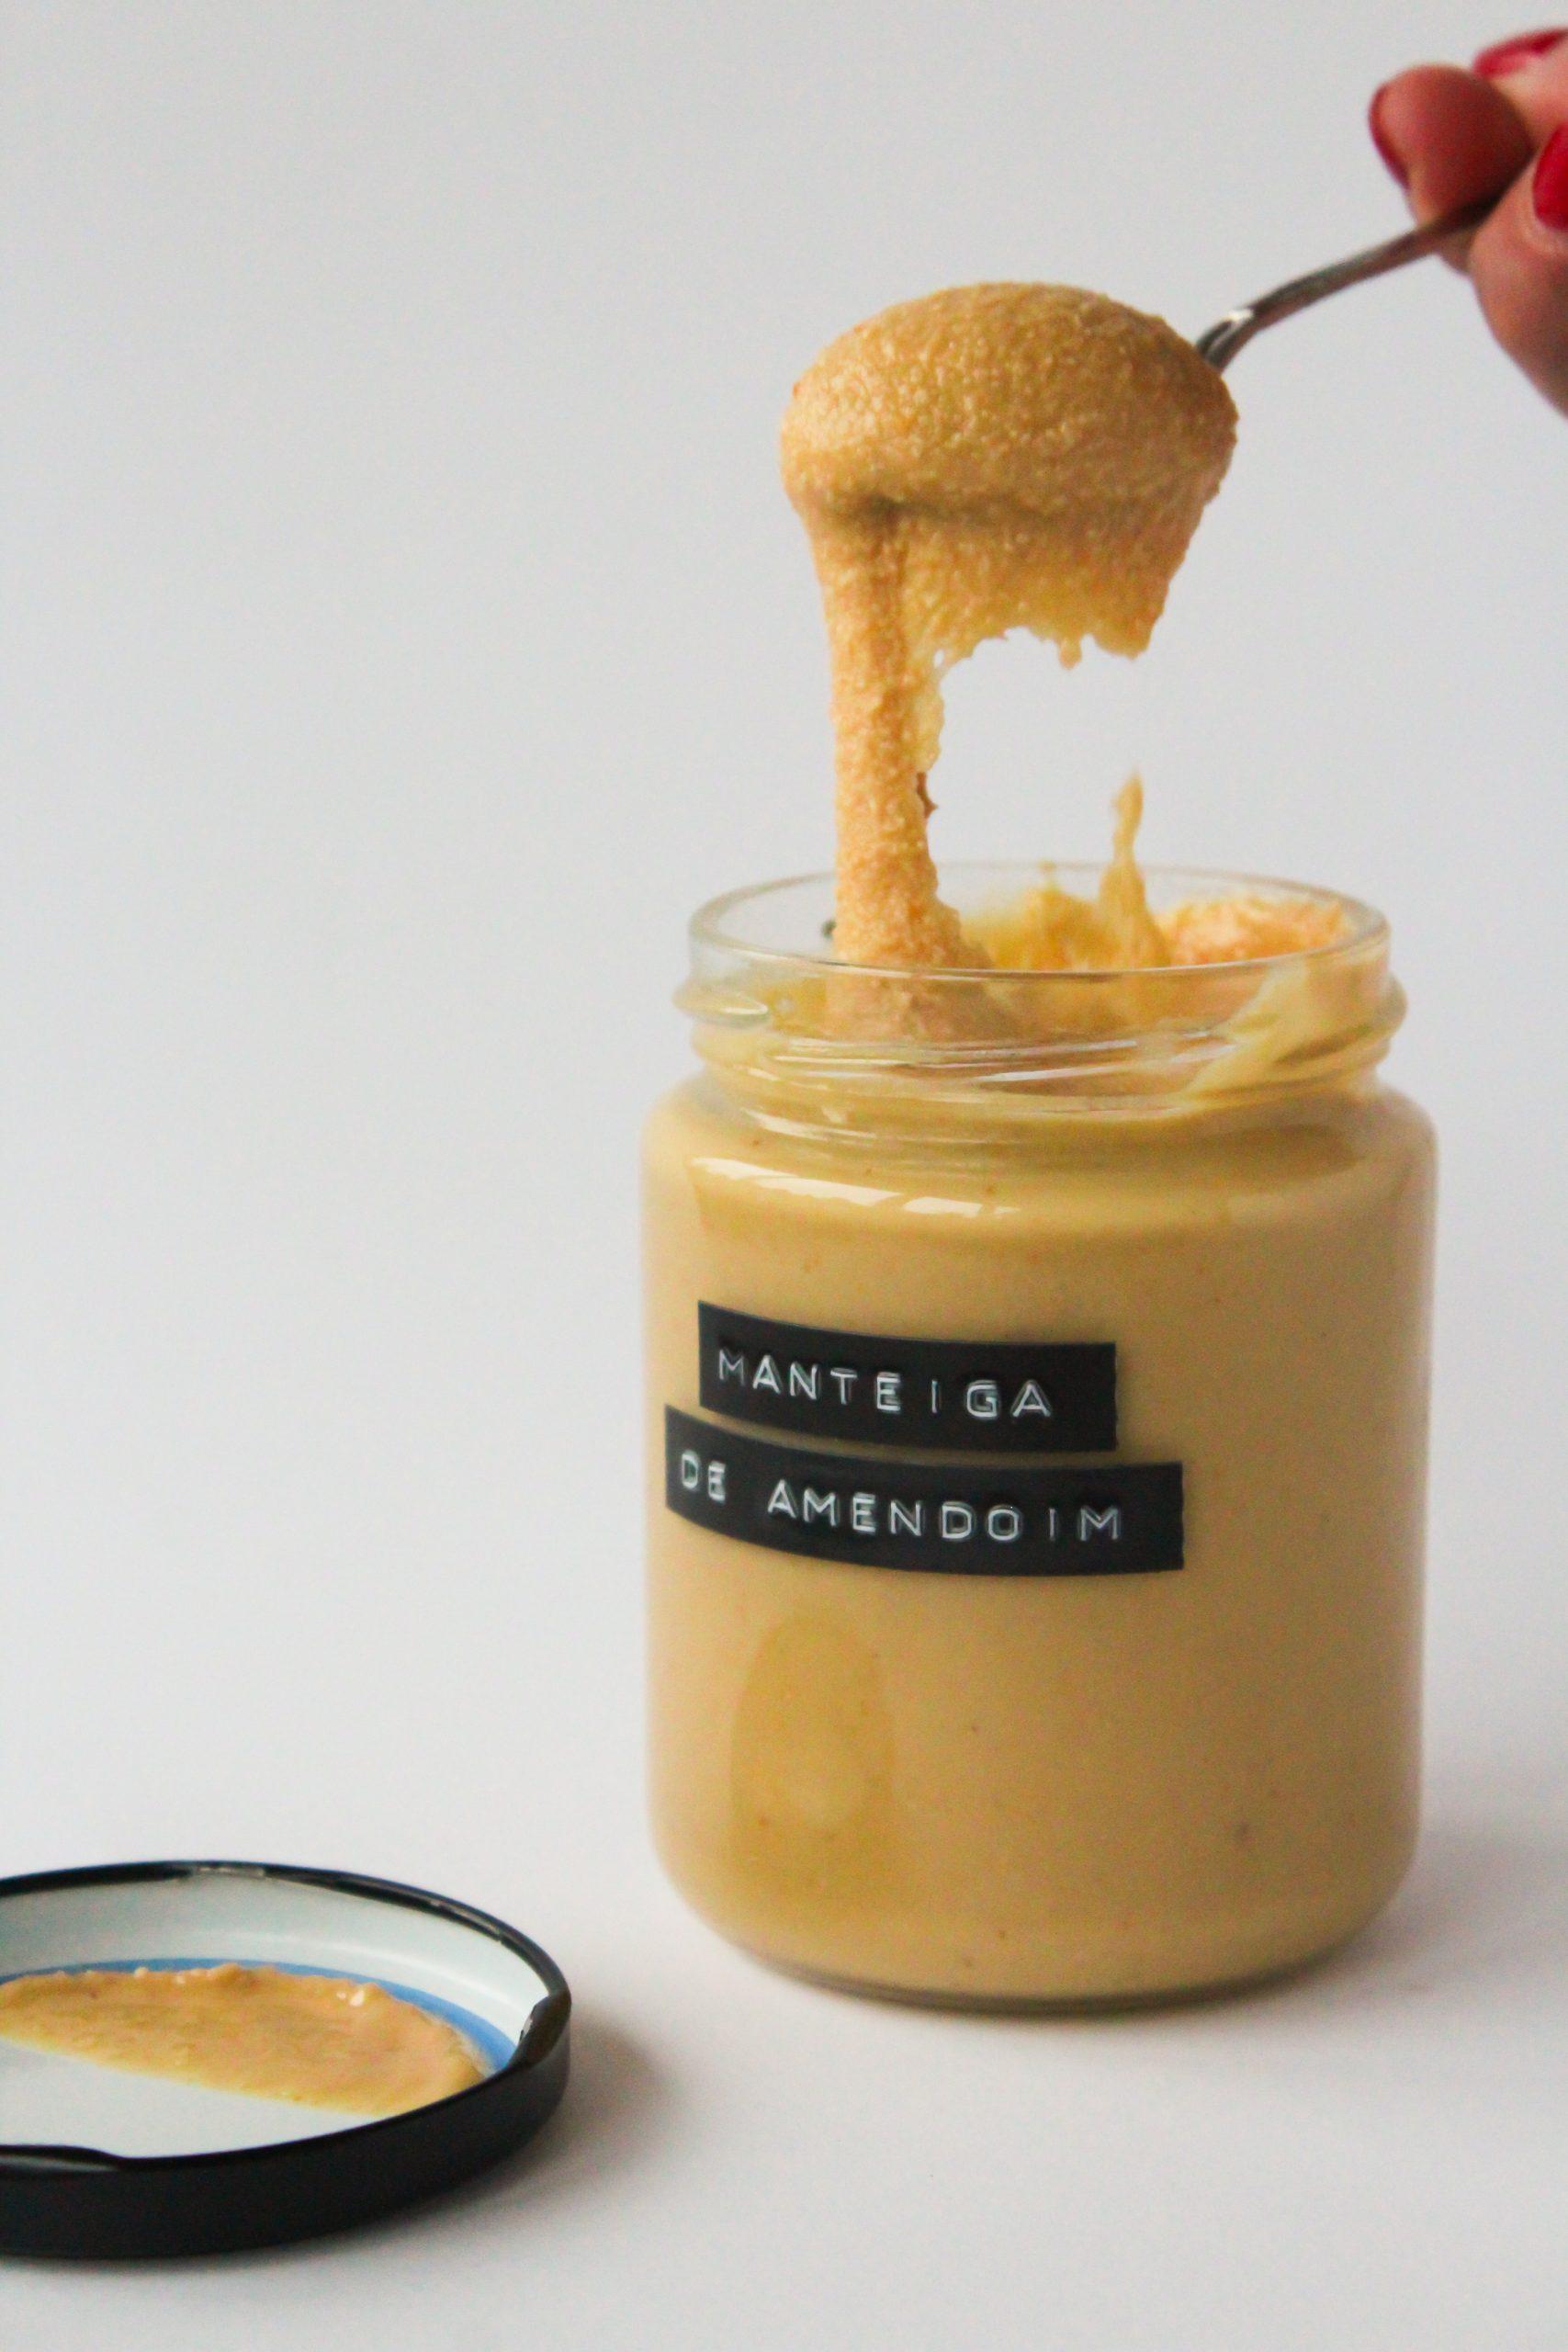 Manteiga de amendoim 3